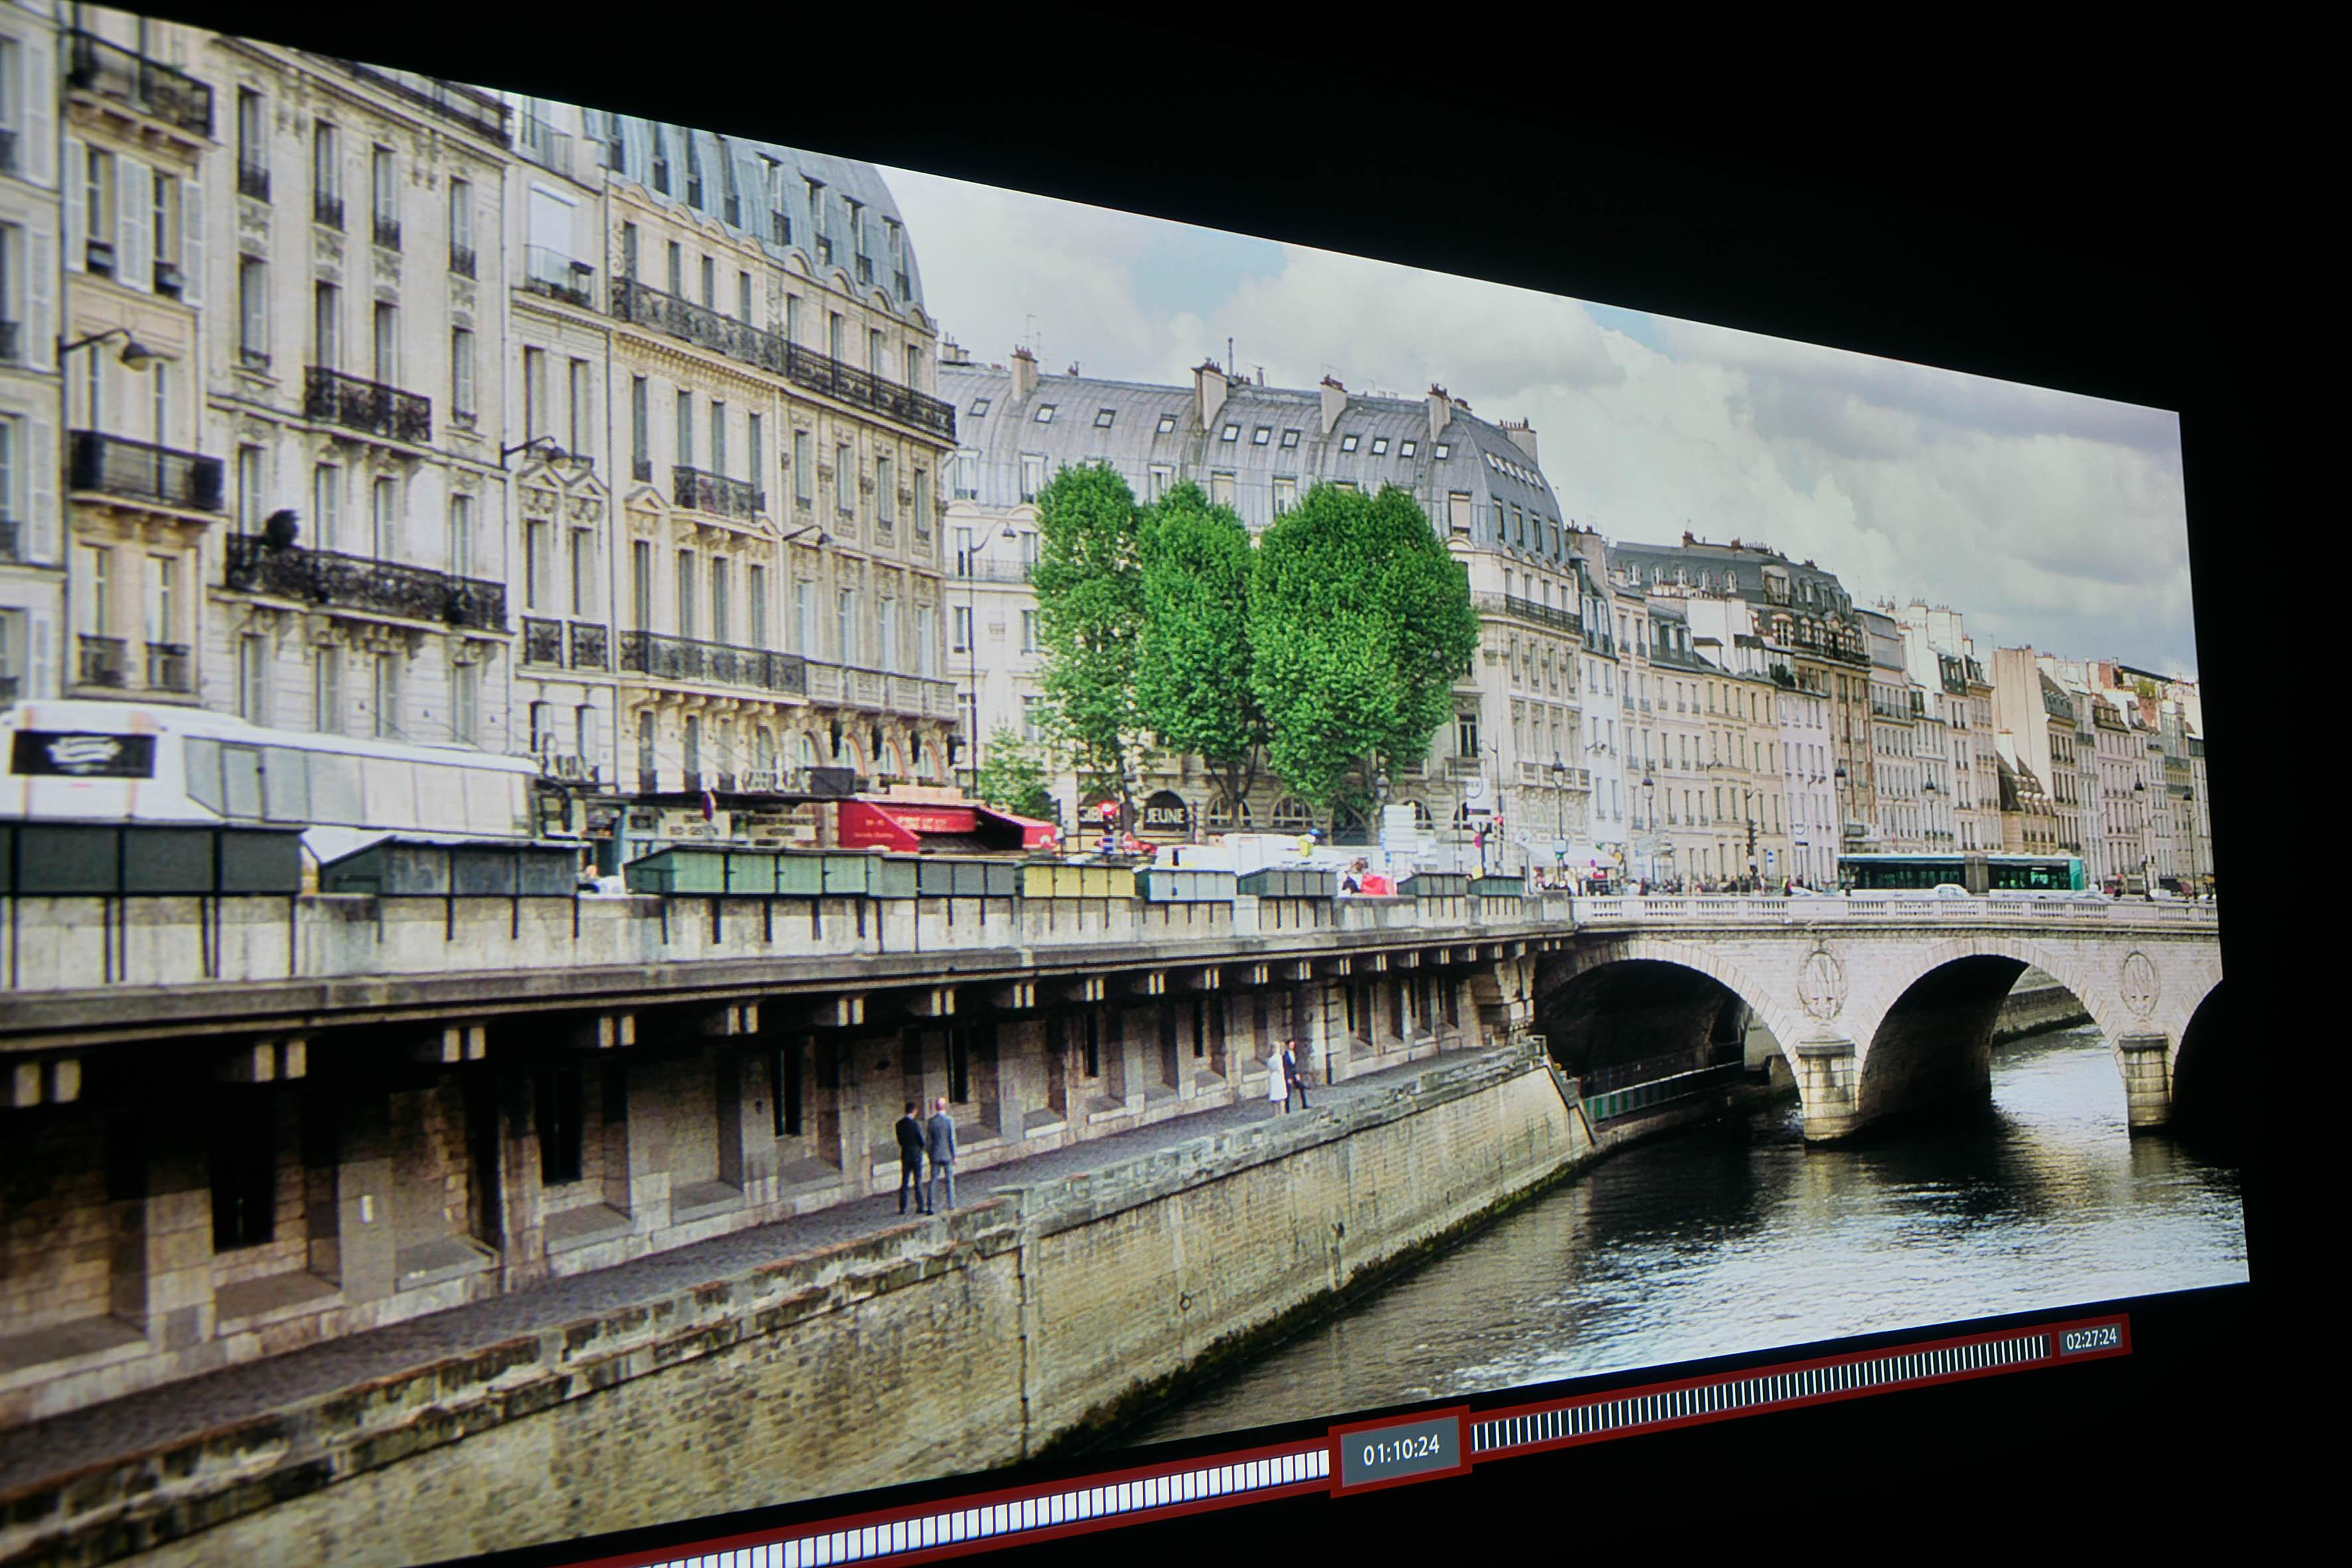 Full HD – Der Himmel über Paris ist gut durchgezeichnet. Einzelne Wolken sind zu erkennen. Die grünen Bäume im Hintergrund weisen viele Blätter auf. Die Brücke lässt eine Struktur erahnen, ebenso die Kaimauer auf der linken Seite.